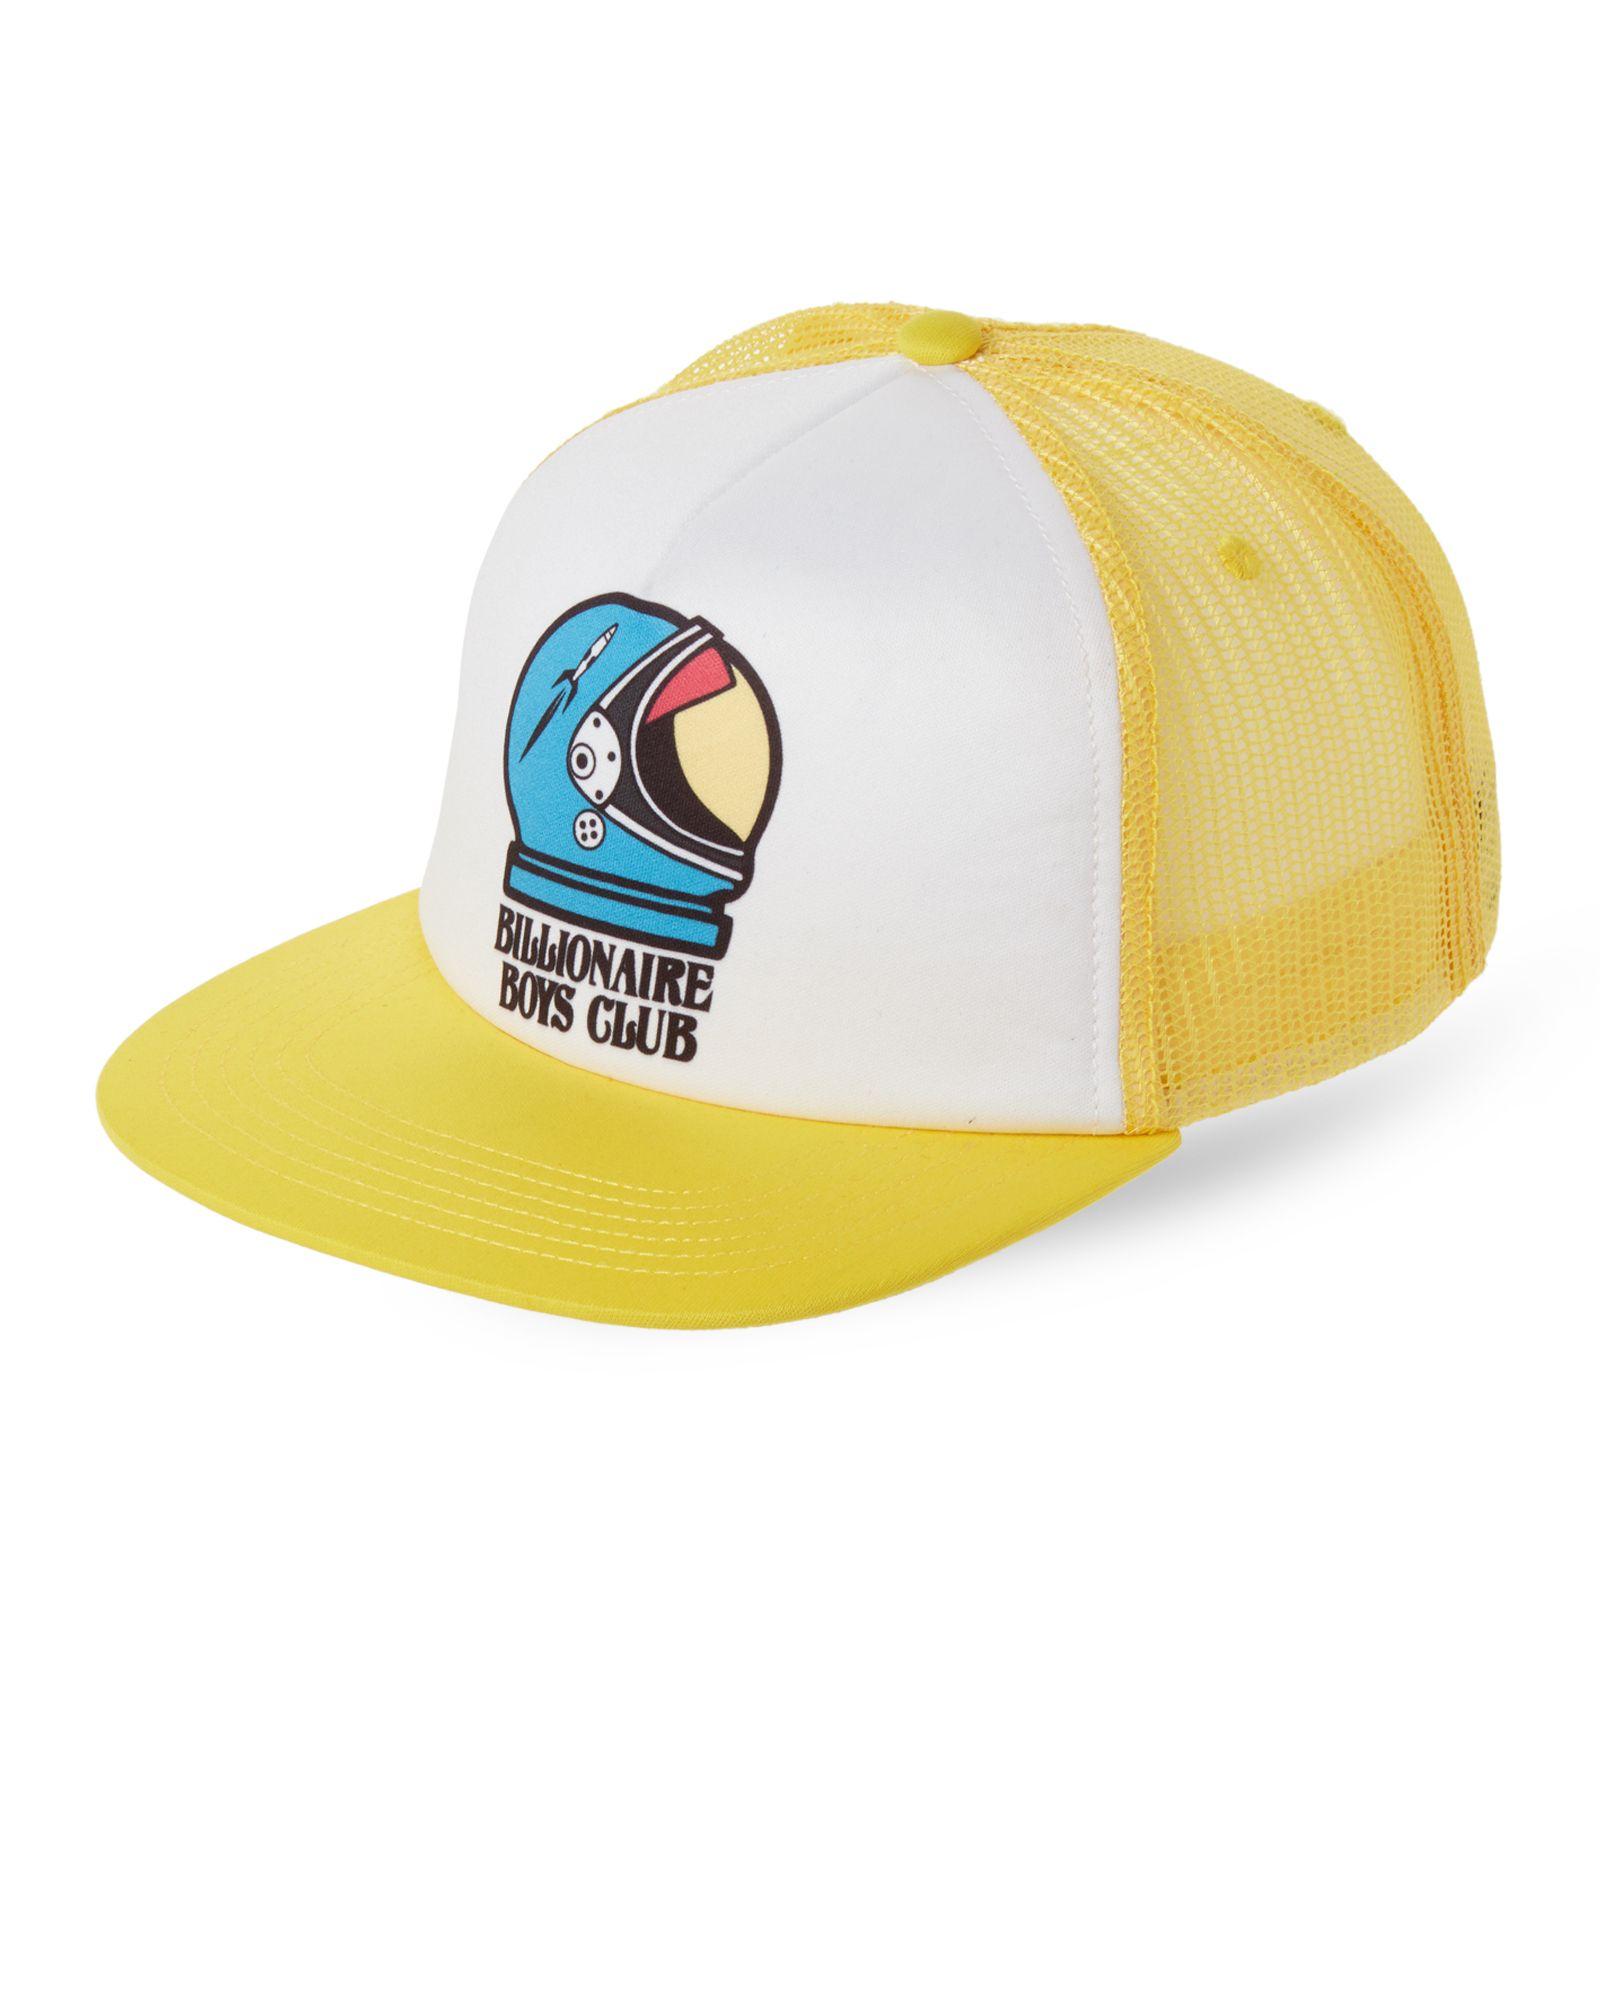 0e9cd671705 Billionaire Boys Club Apollo Trucker Hat